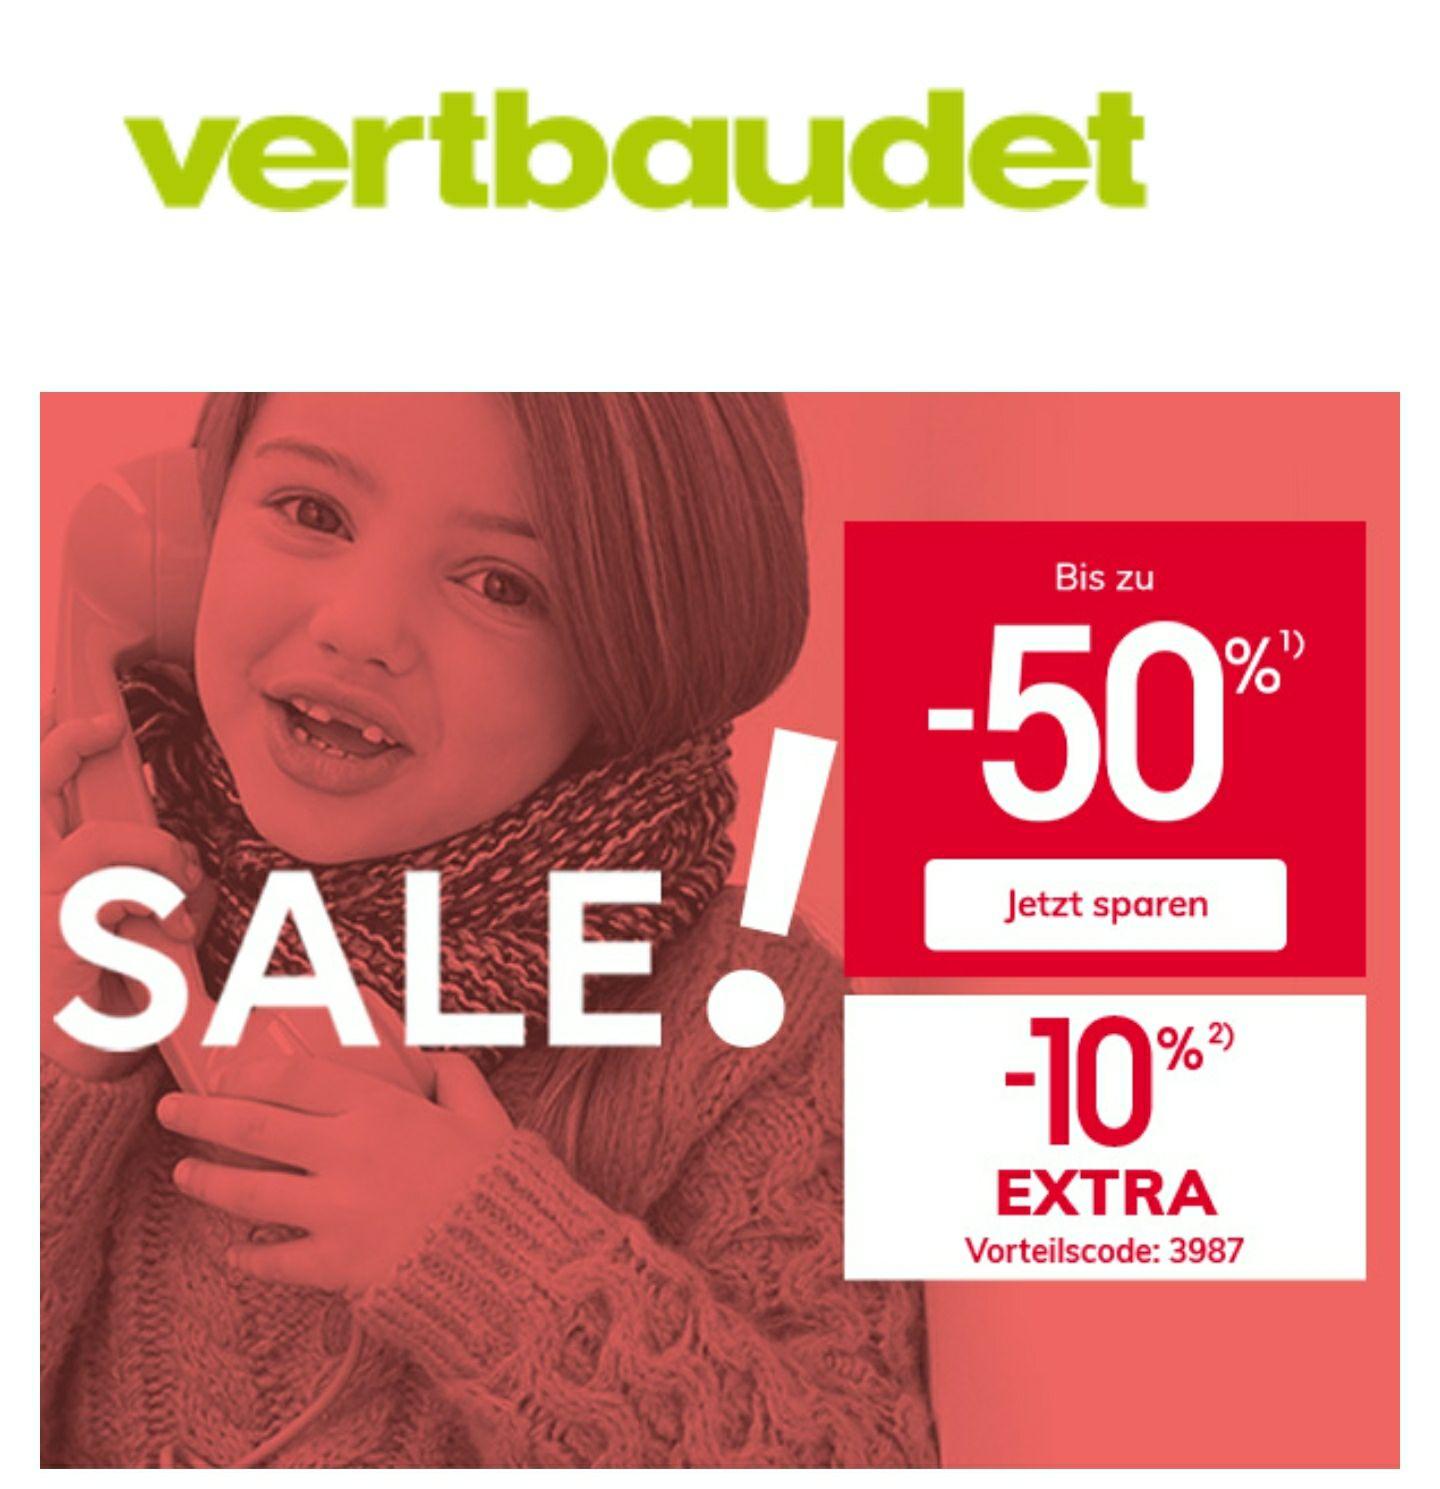 Vertbaudet Sale bis zu 50% + 10% extra auf Sale-Artikel + Versandkostenfreie Lieferung bis 14.01.